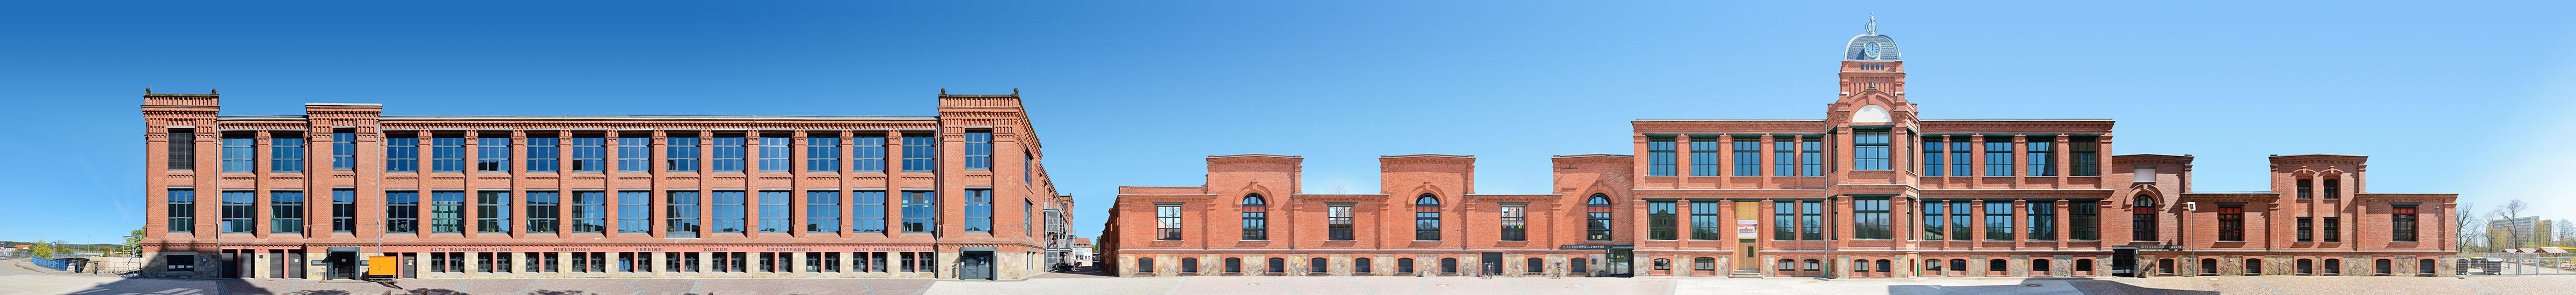 Alte Baumwolle | Neues Stadtzentrum